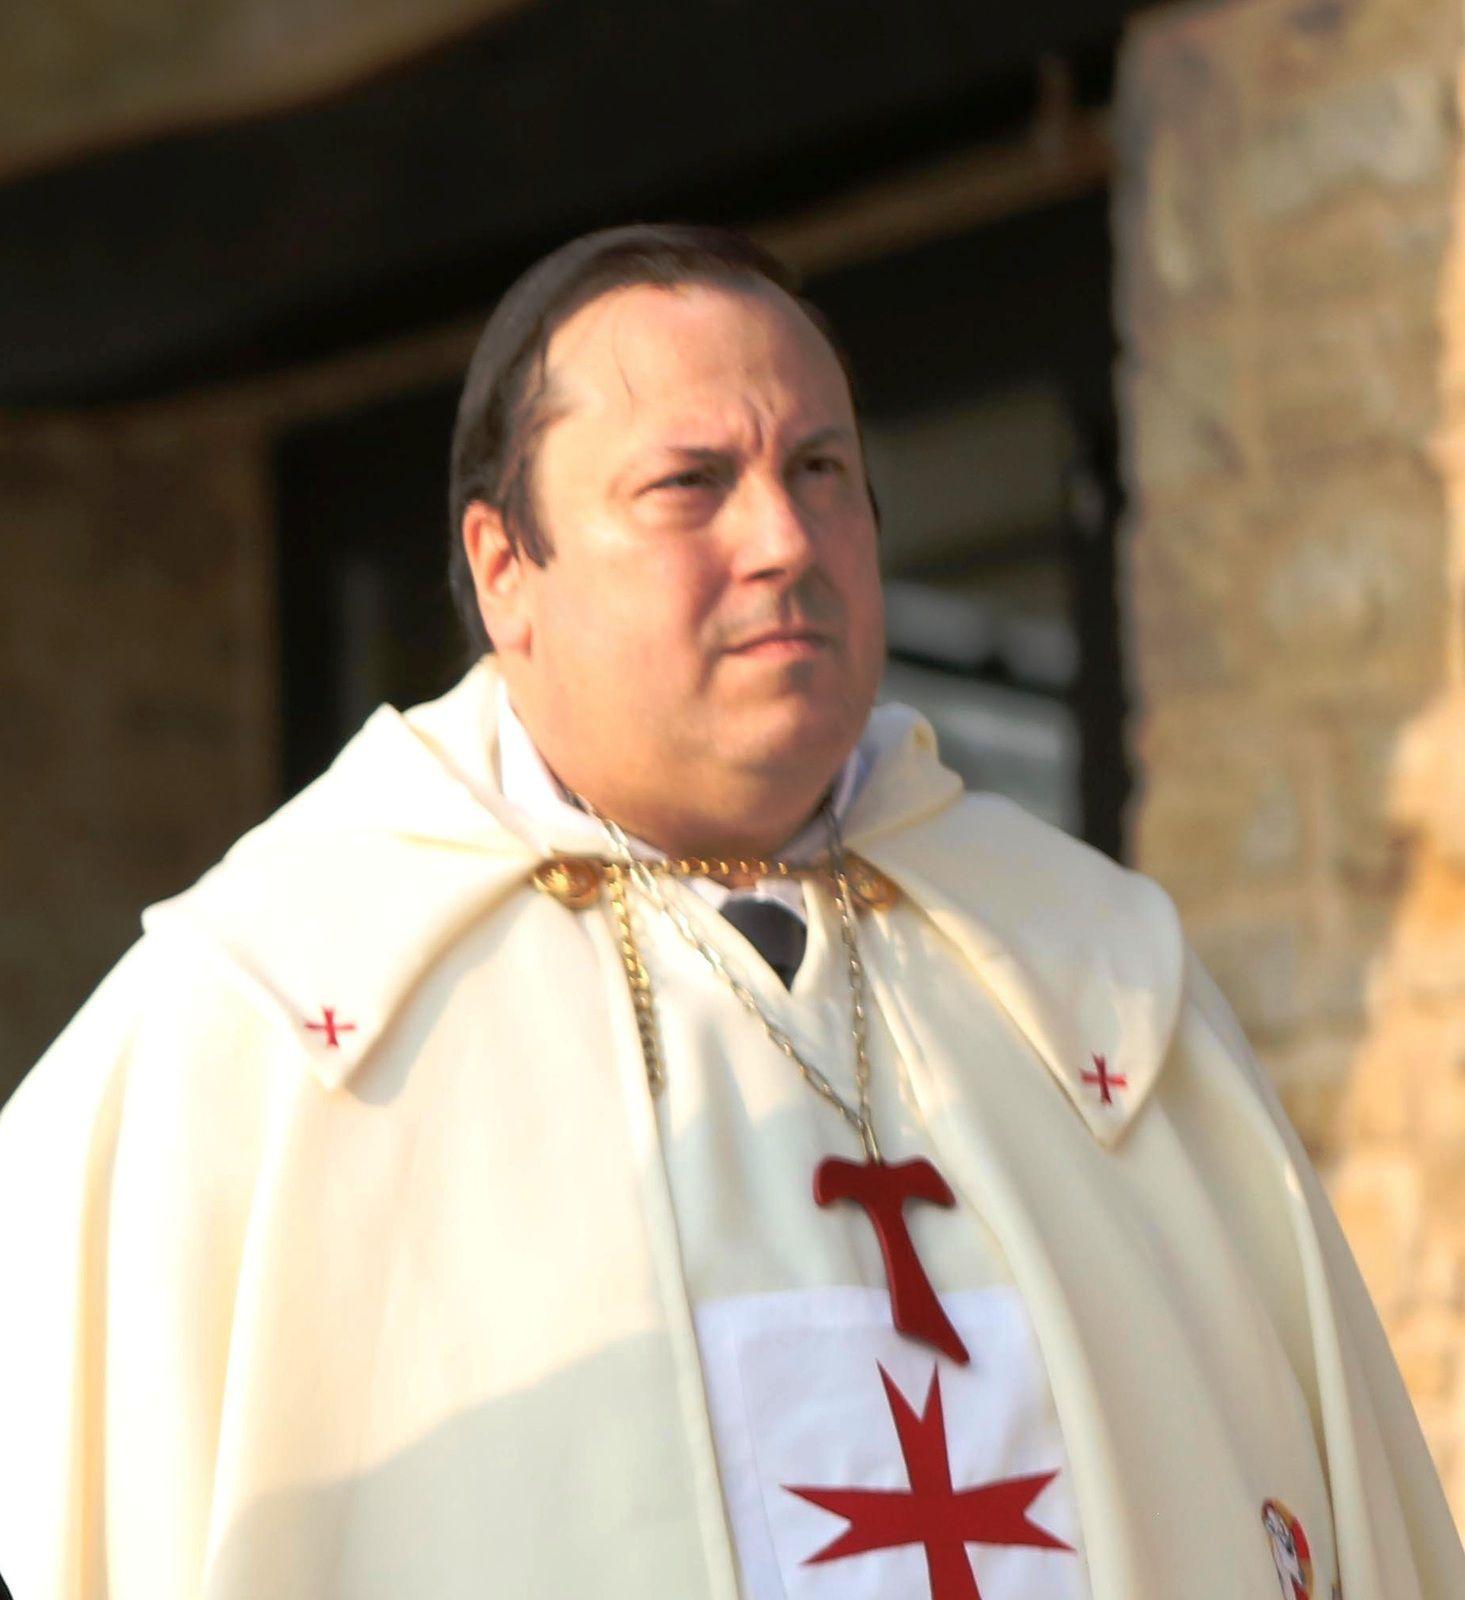 Rinnovo del Gran Consiglio dell'Ordine dei Templari: ancora un trionfo per Fra Riccardo Bonsi